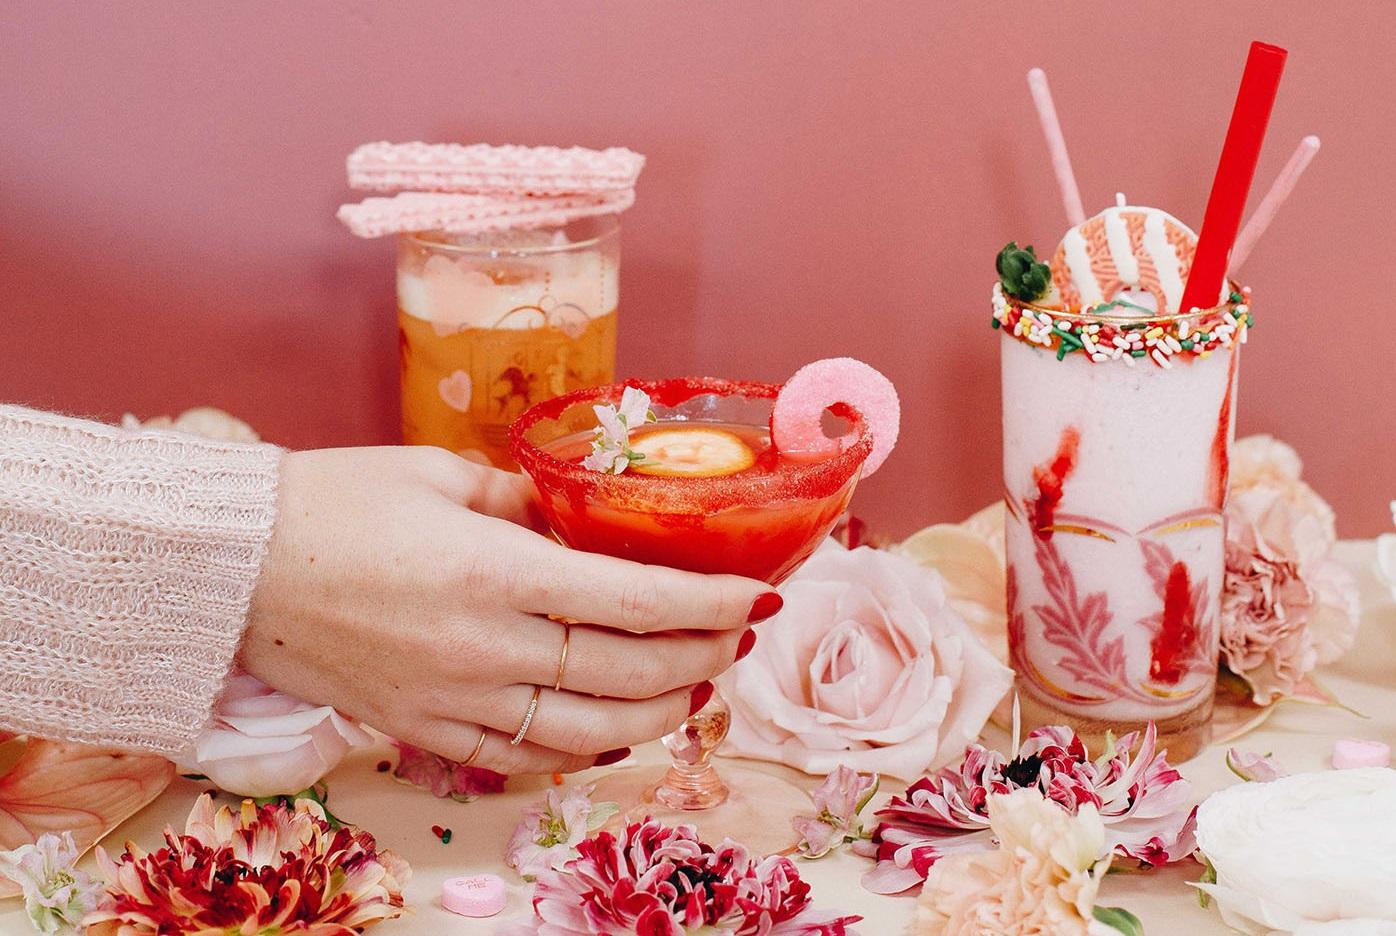 Glas met een gekleurd suikerrandje